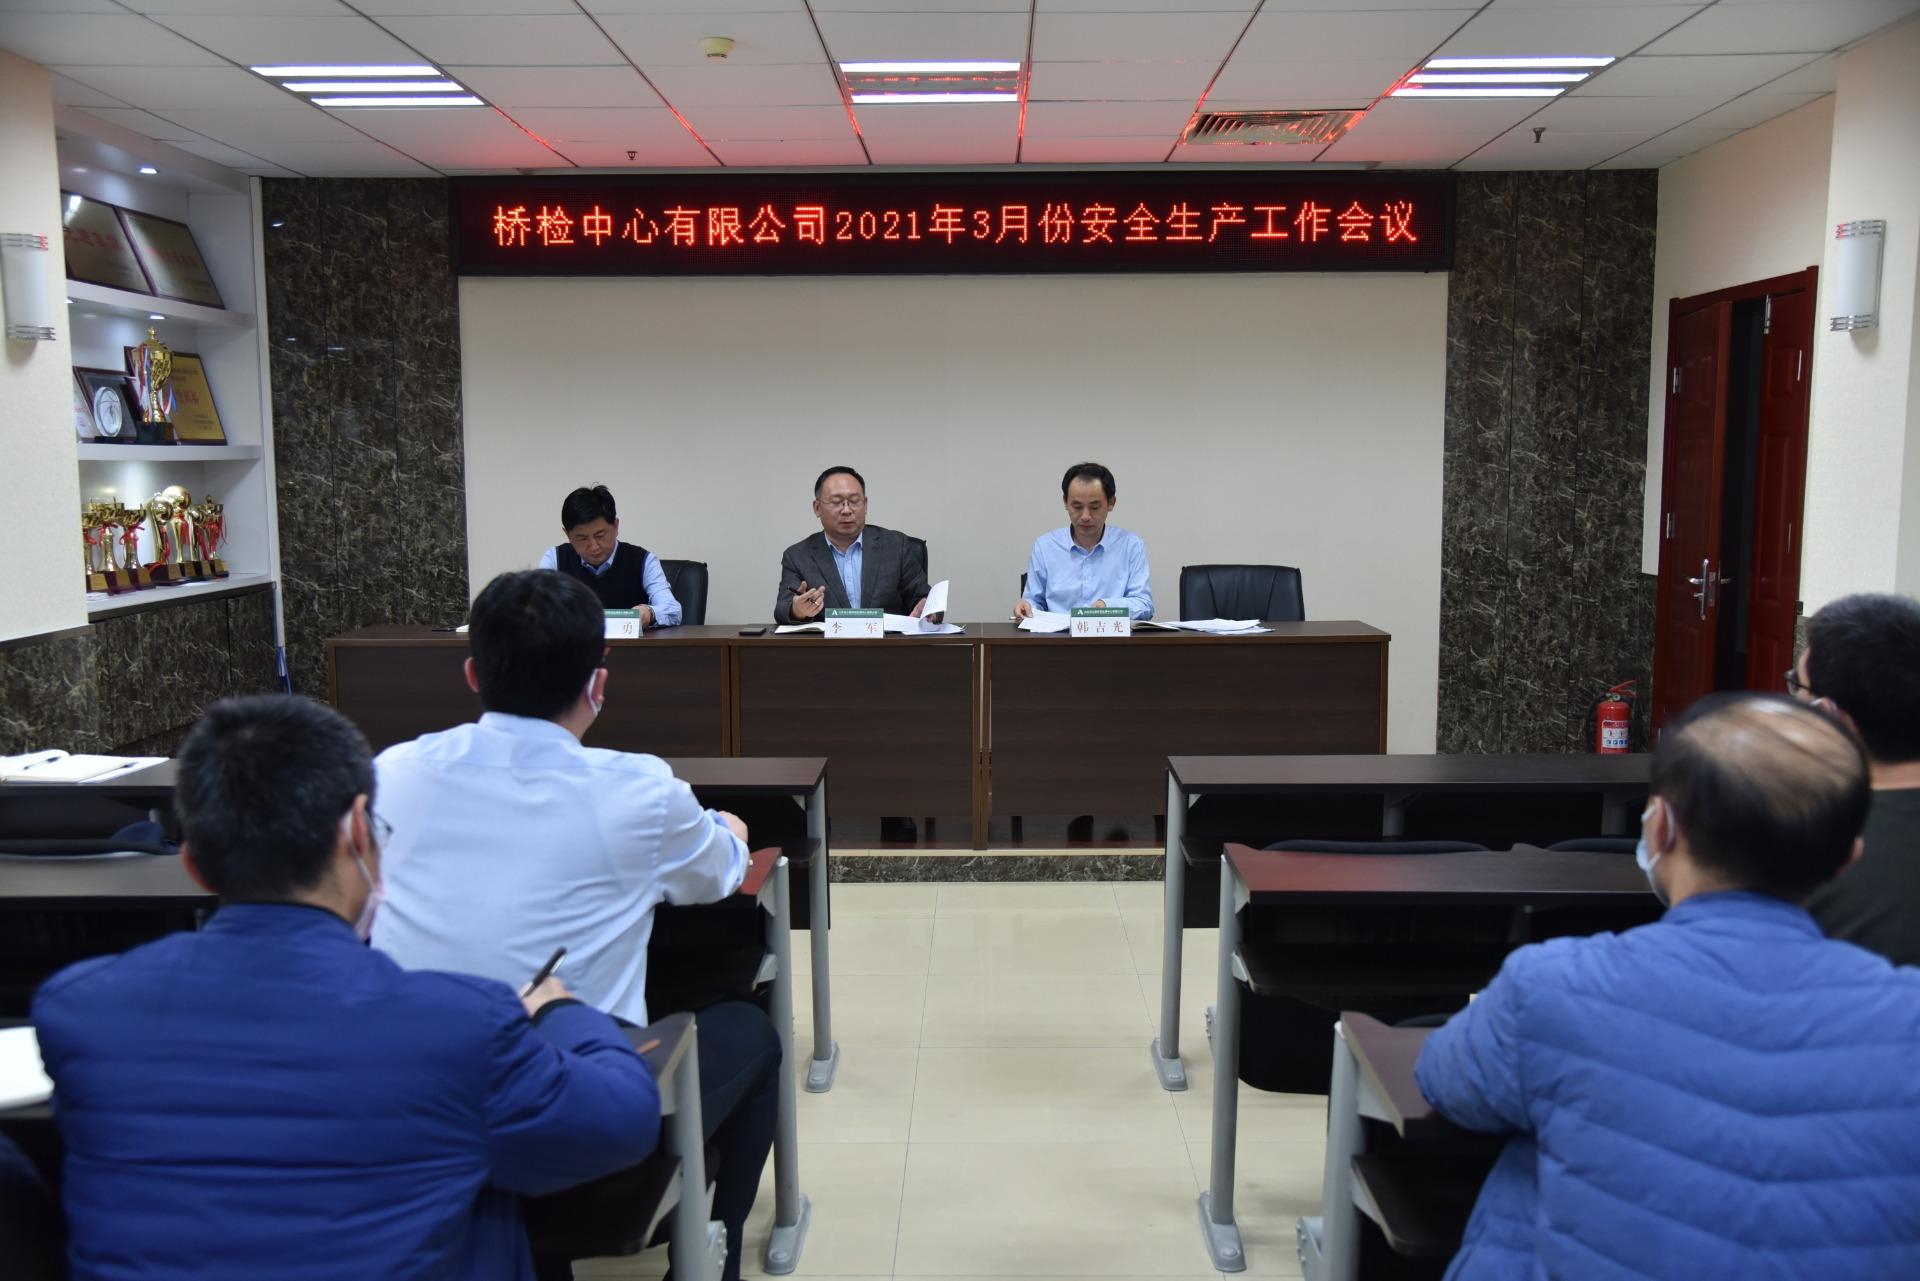 山东省公路桥梁检测中心有限公司召开3月份安全生产工作会议